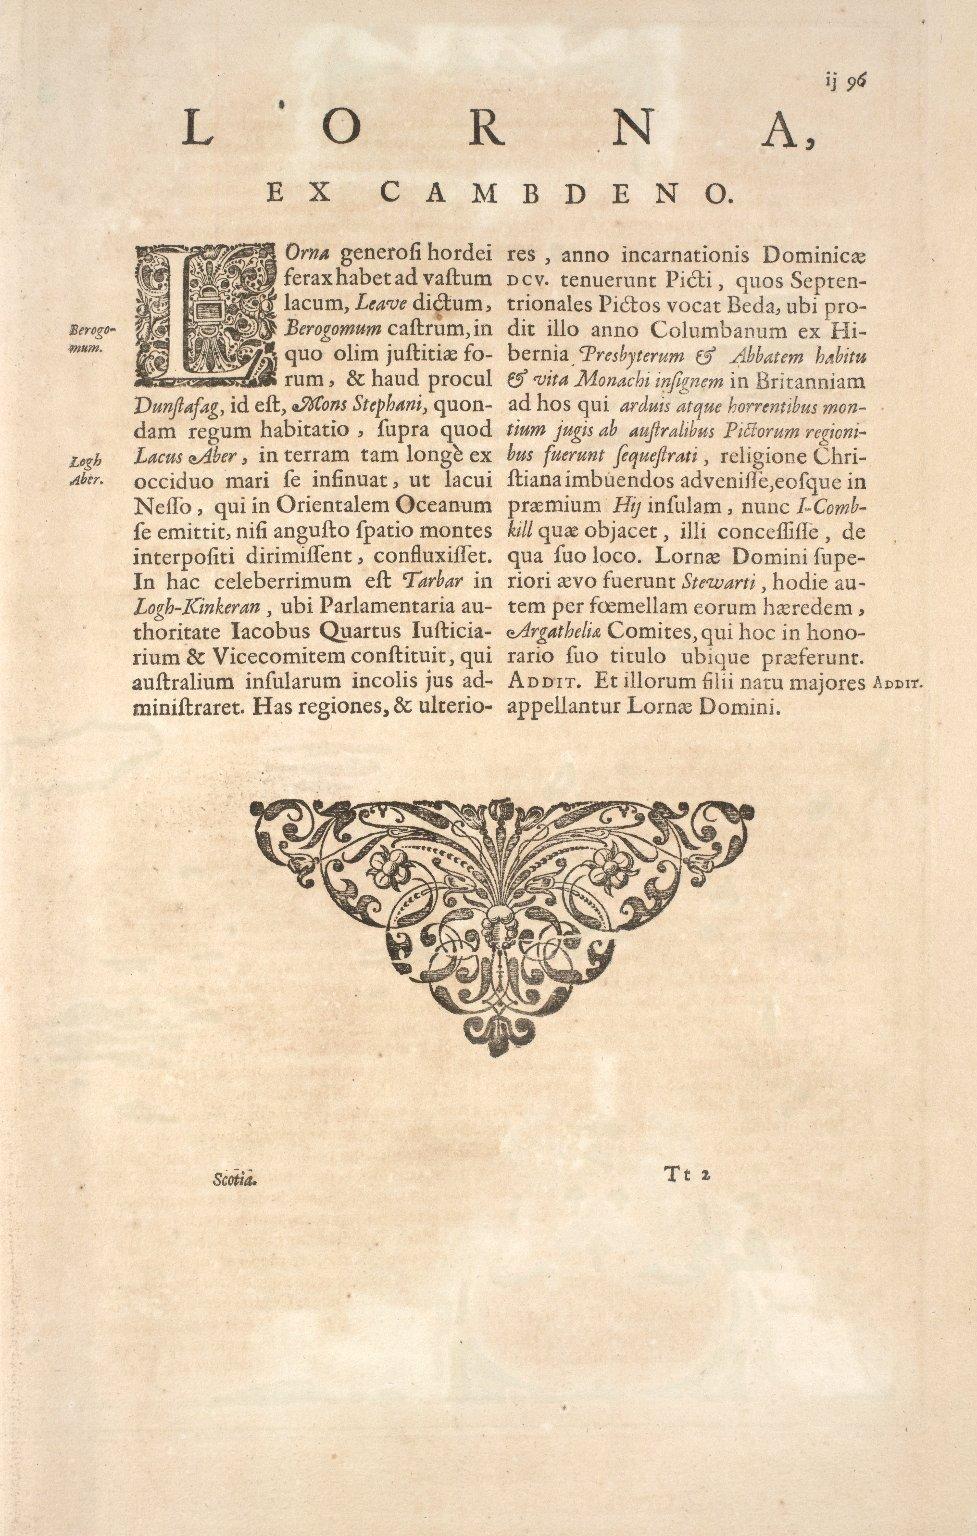 Lorna cum insulis vicinis et provinciis eidem conterminis. [1 of 2]